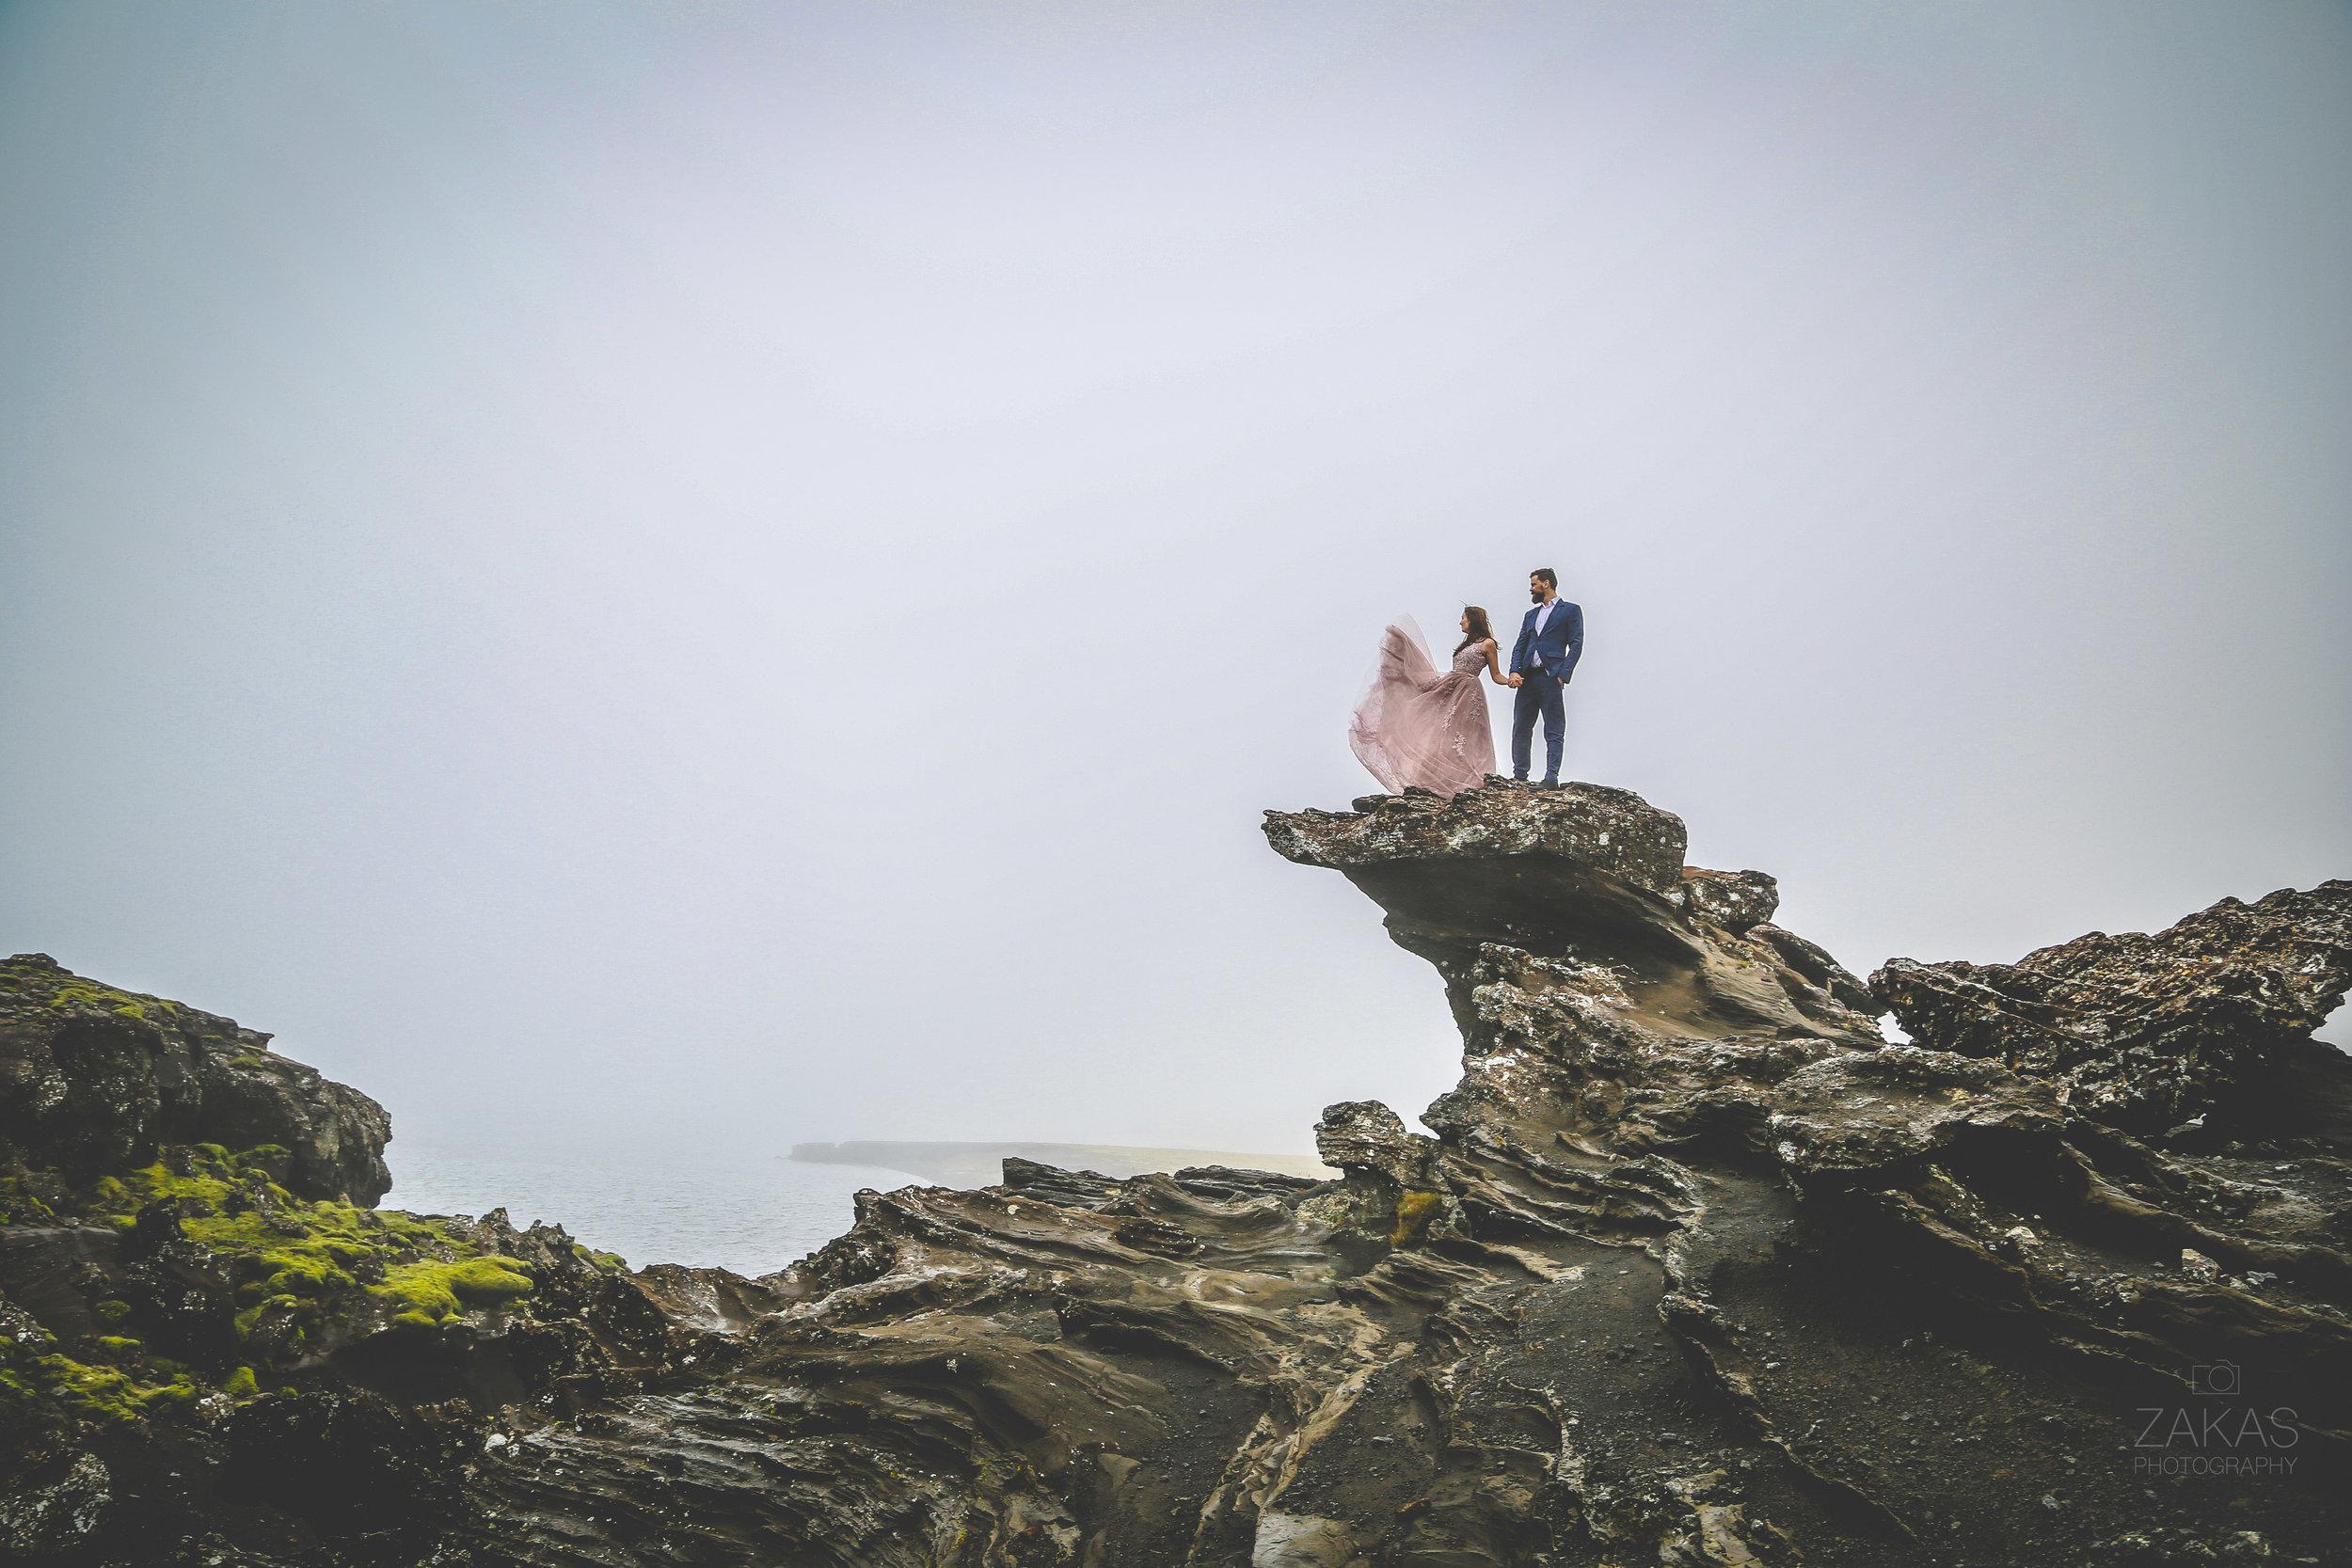 BROOKLYN FASHION PHOTOGRAPHER // ICELAND WEDDING PHOTOGRAPHER // CREATIVE PORTRAIT PHOTOGRAPHER